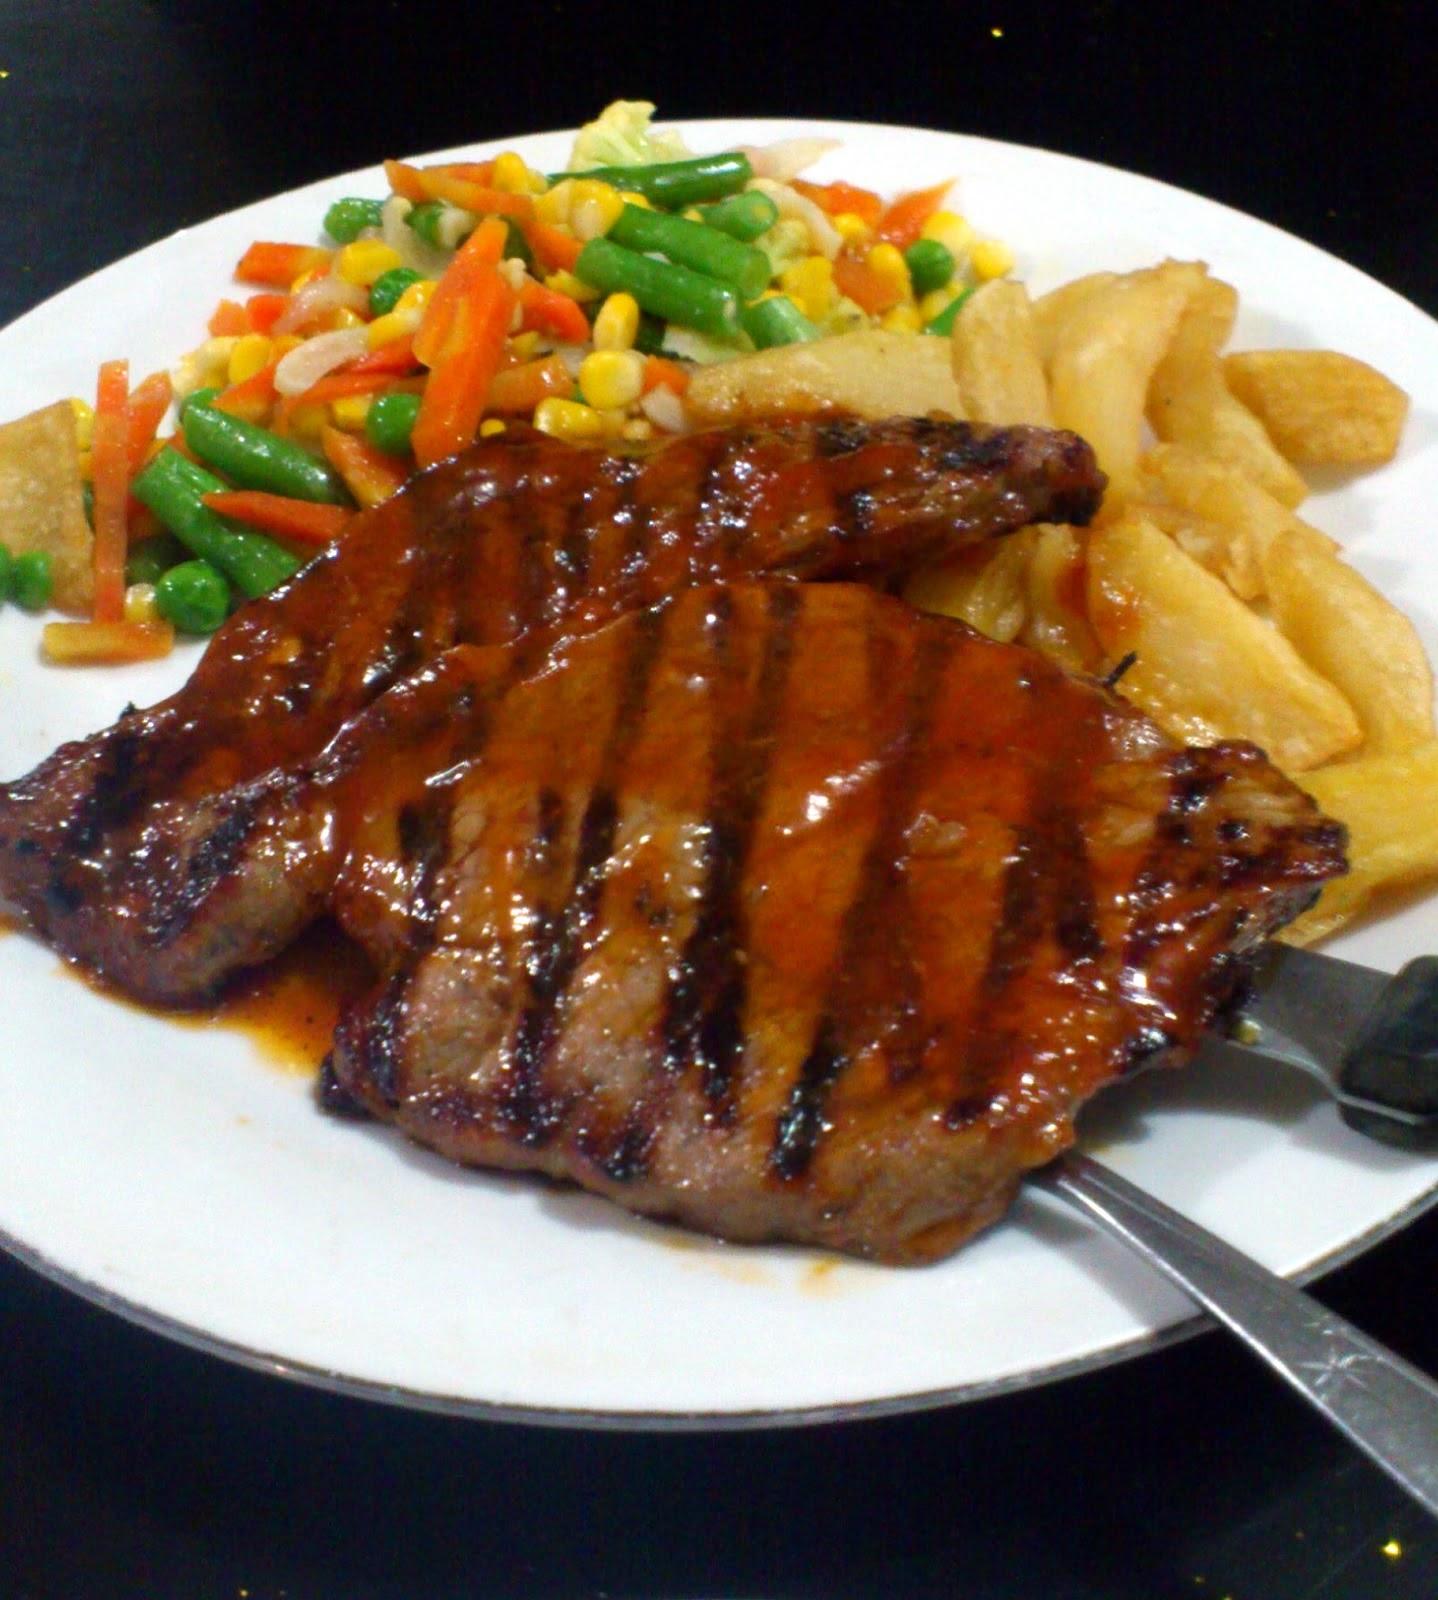 Resep Cara Membuat Steak Enak Dan Mudah